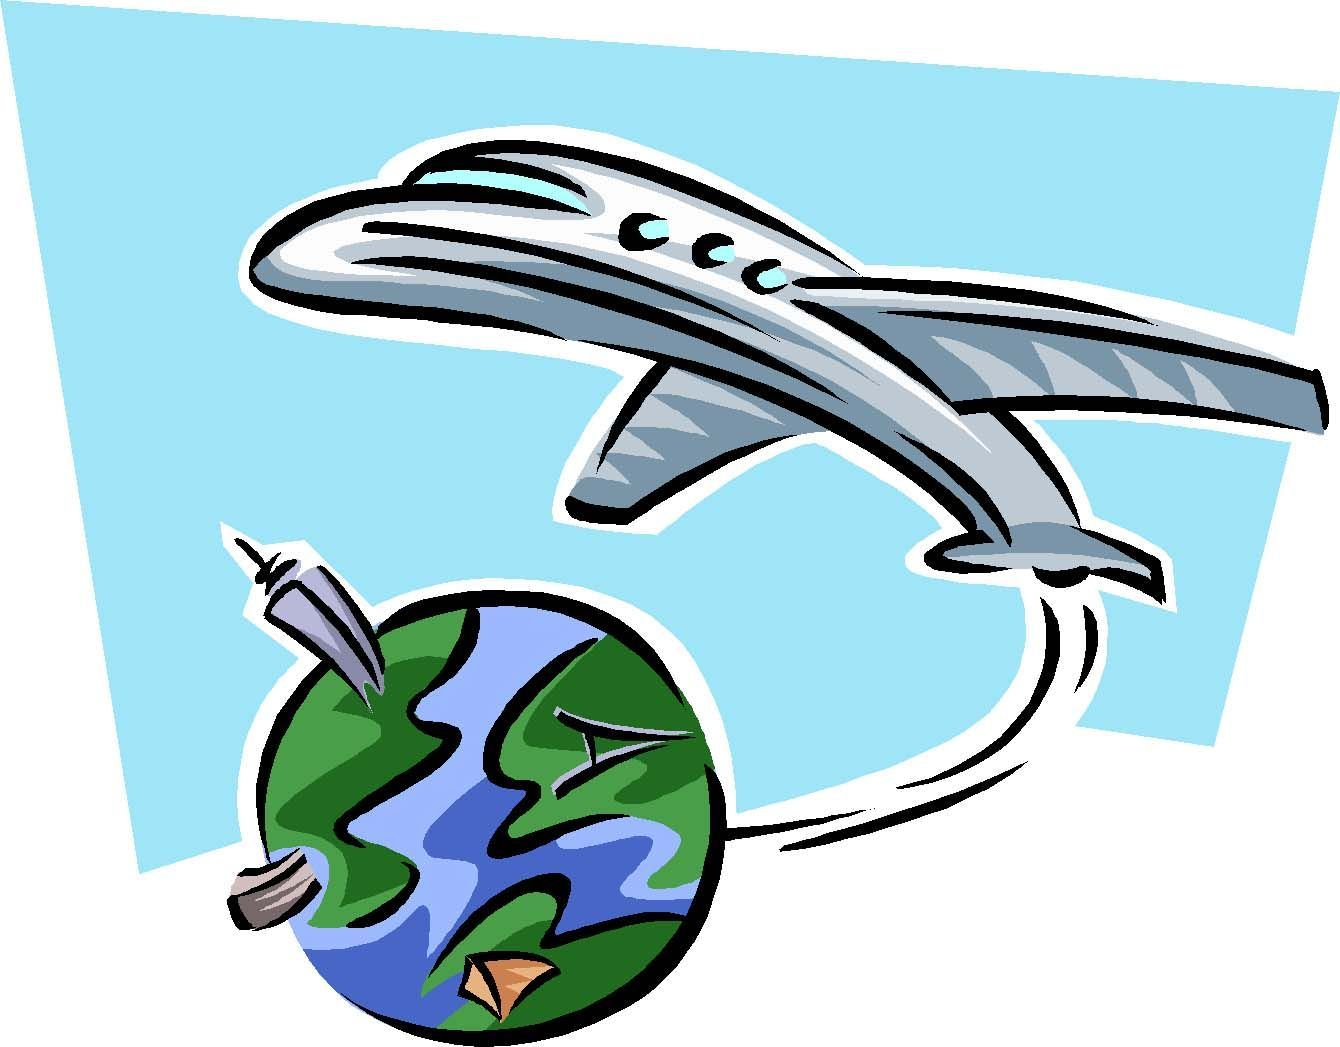 Te han hecho un regalo que consiste en viajar a cualquier lugar del mundo durante 1 semana con gastos pagados ¿Dónde irias?